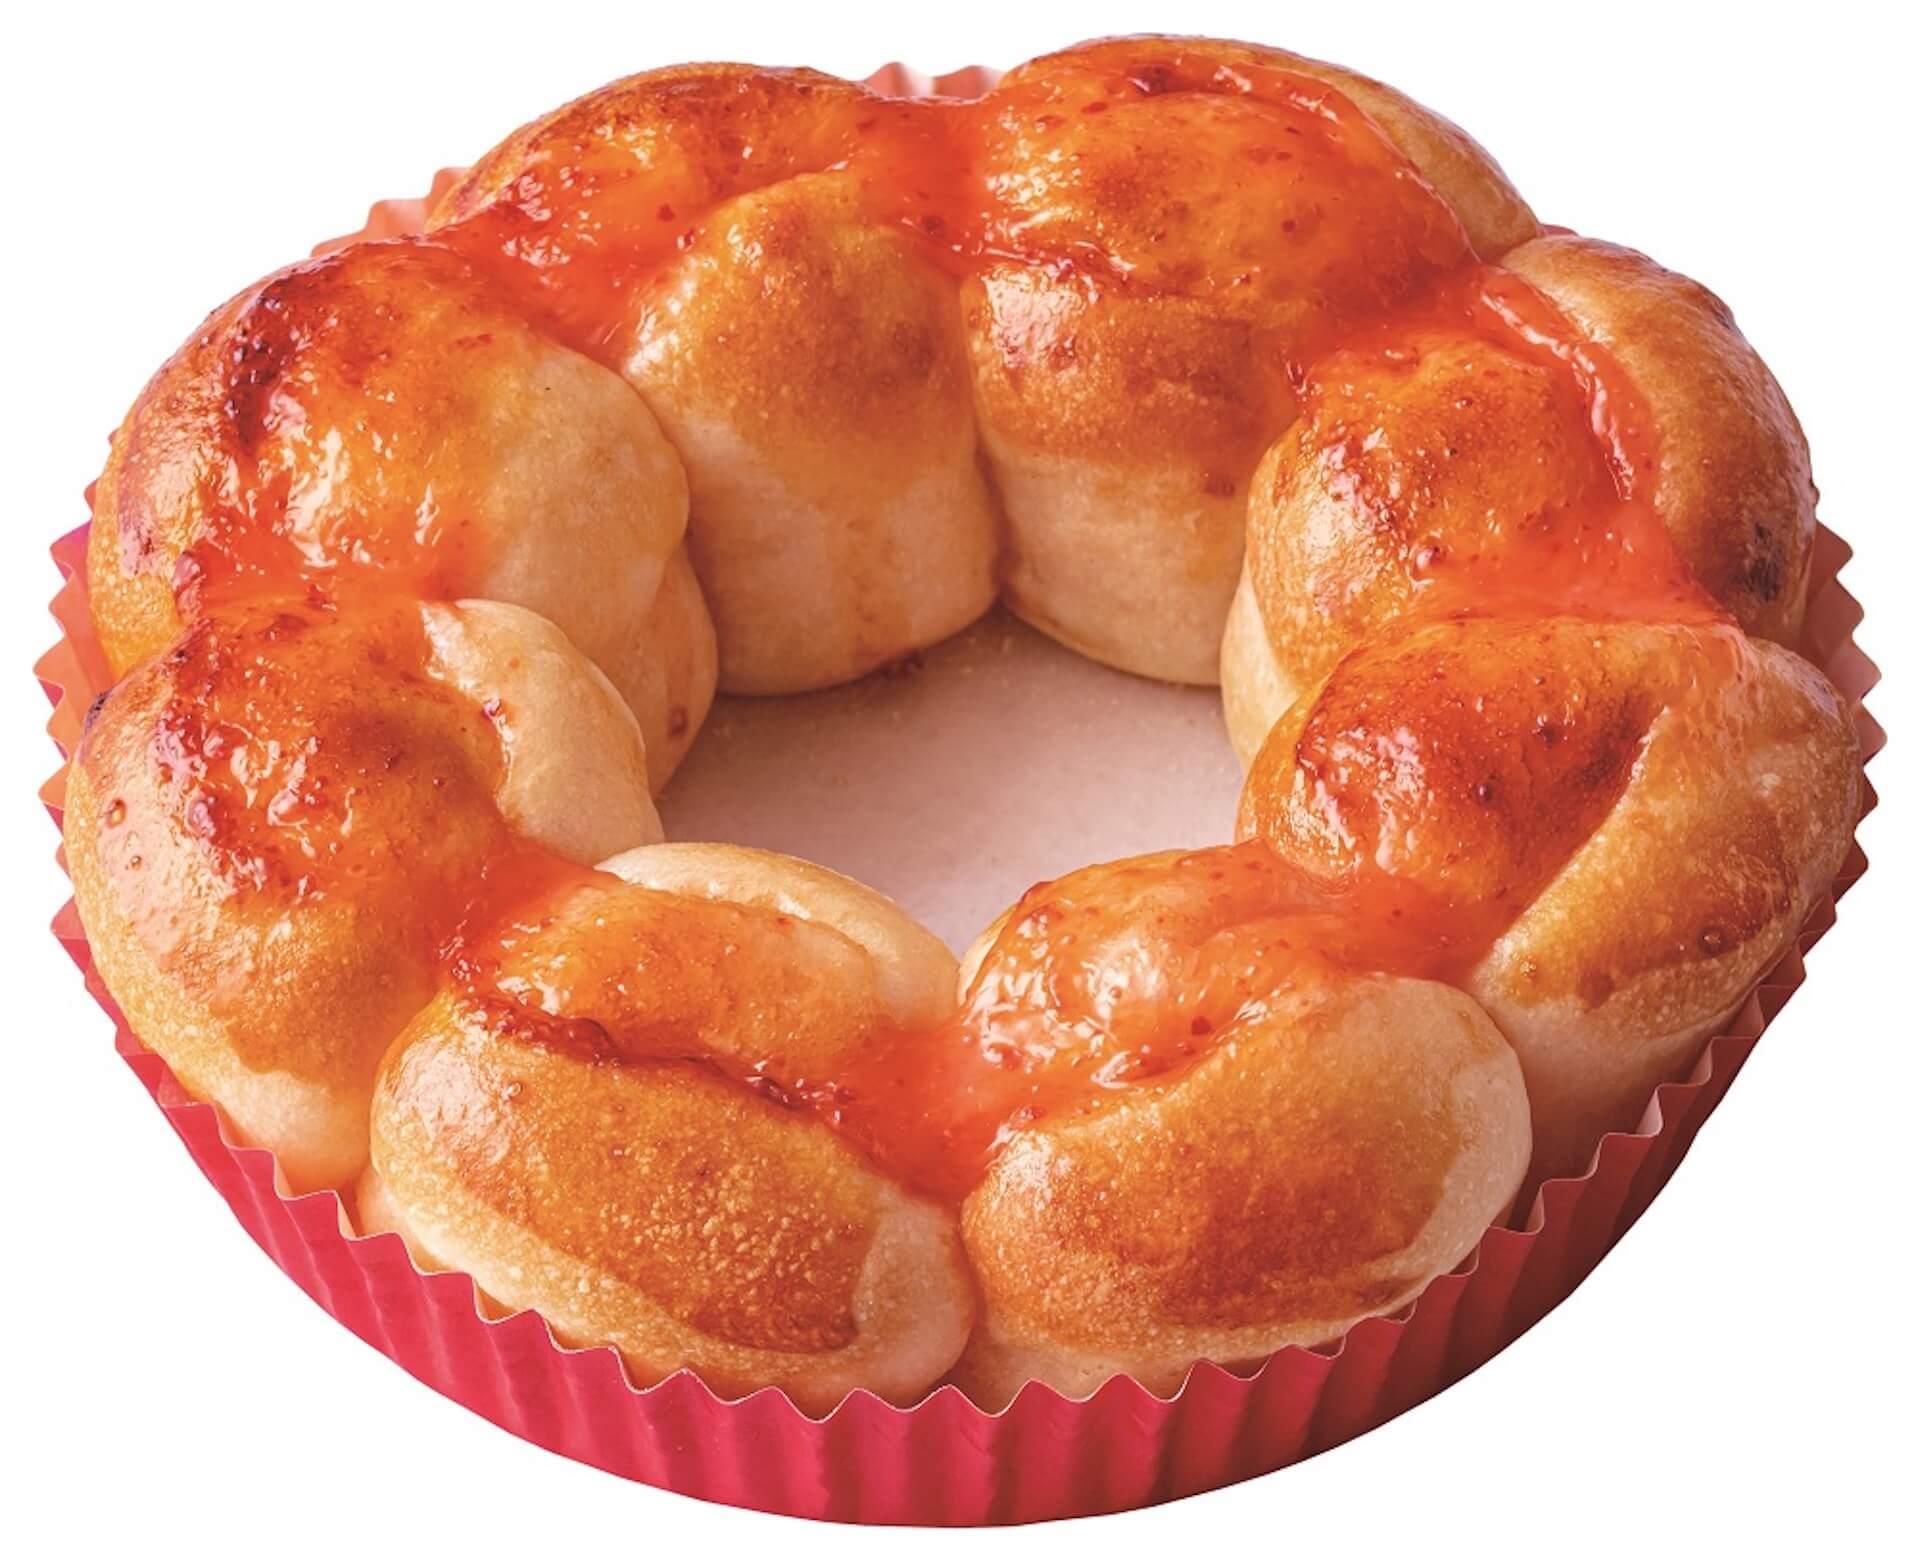 ポン・デ・リングのような新感覚のミスドゴハン!ミスタードーナツで『ポン・デ・ちぎりパン』3種が発売決定 gourmet200616_misterdonuts_1